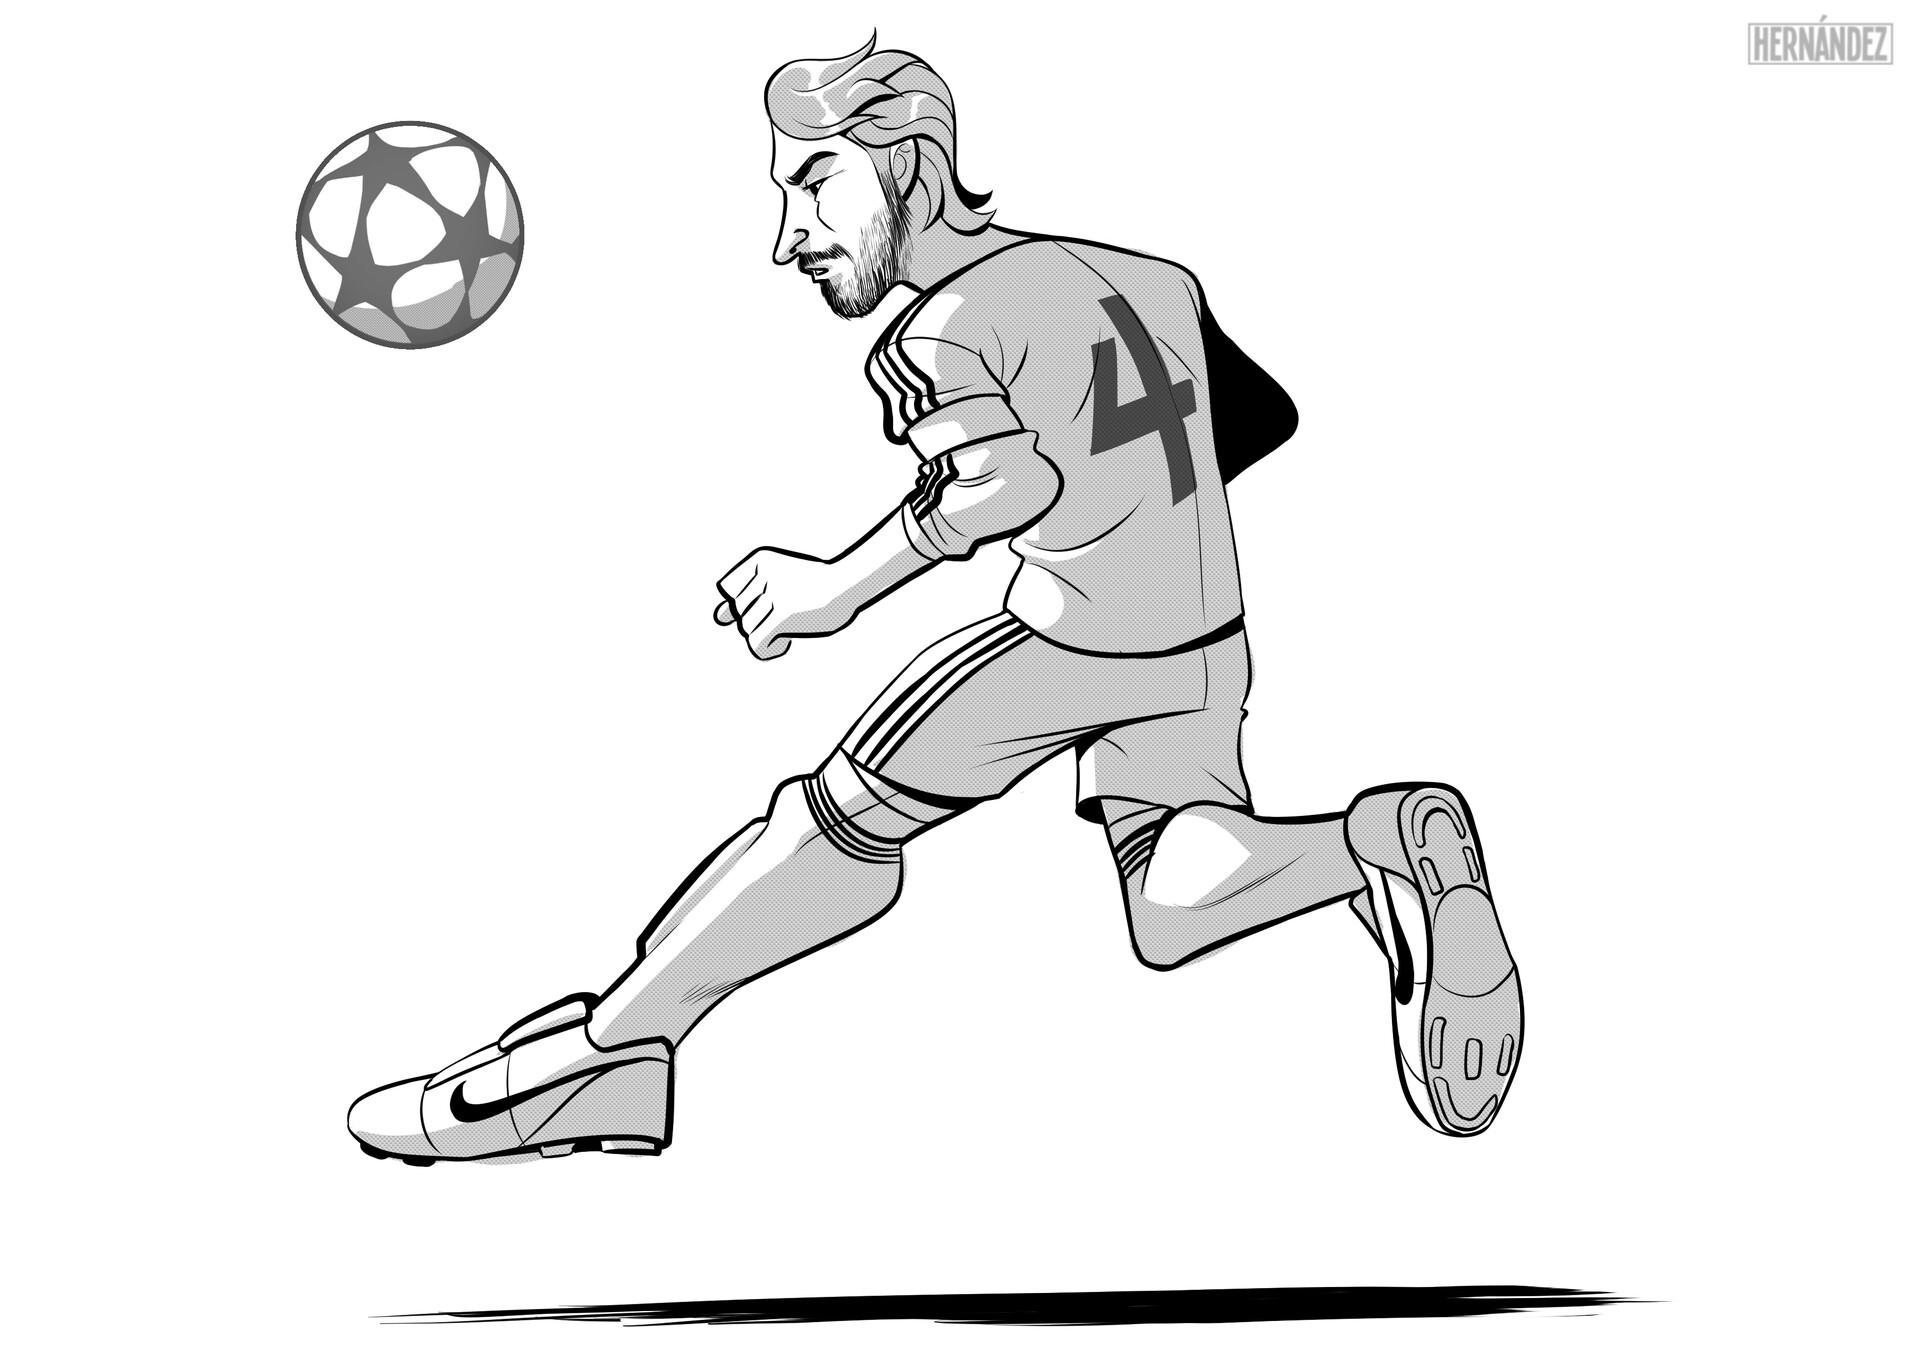 4 Sergio Ramos